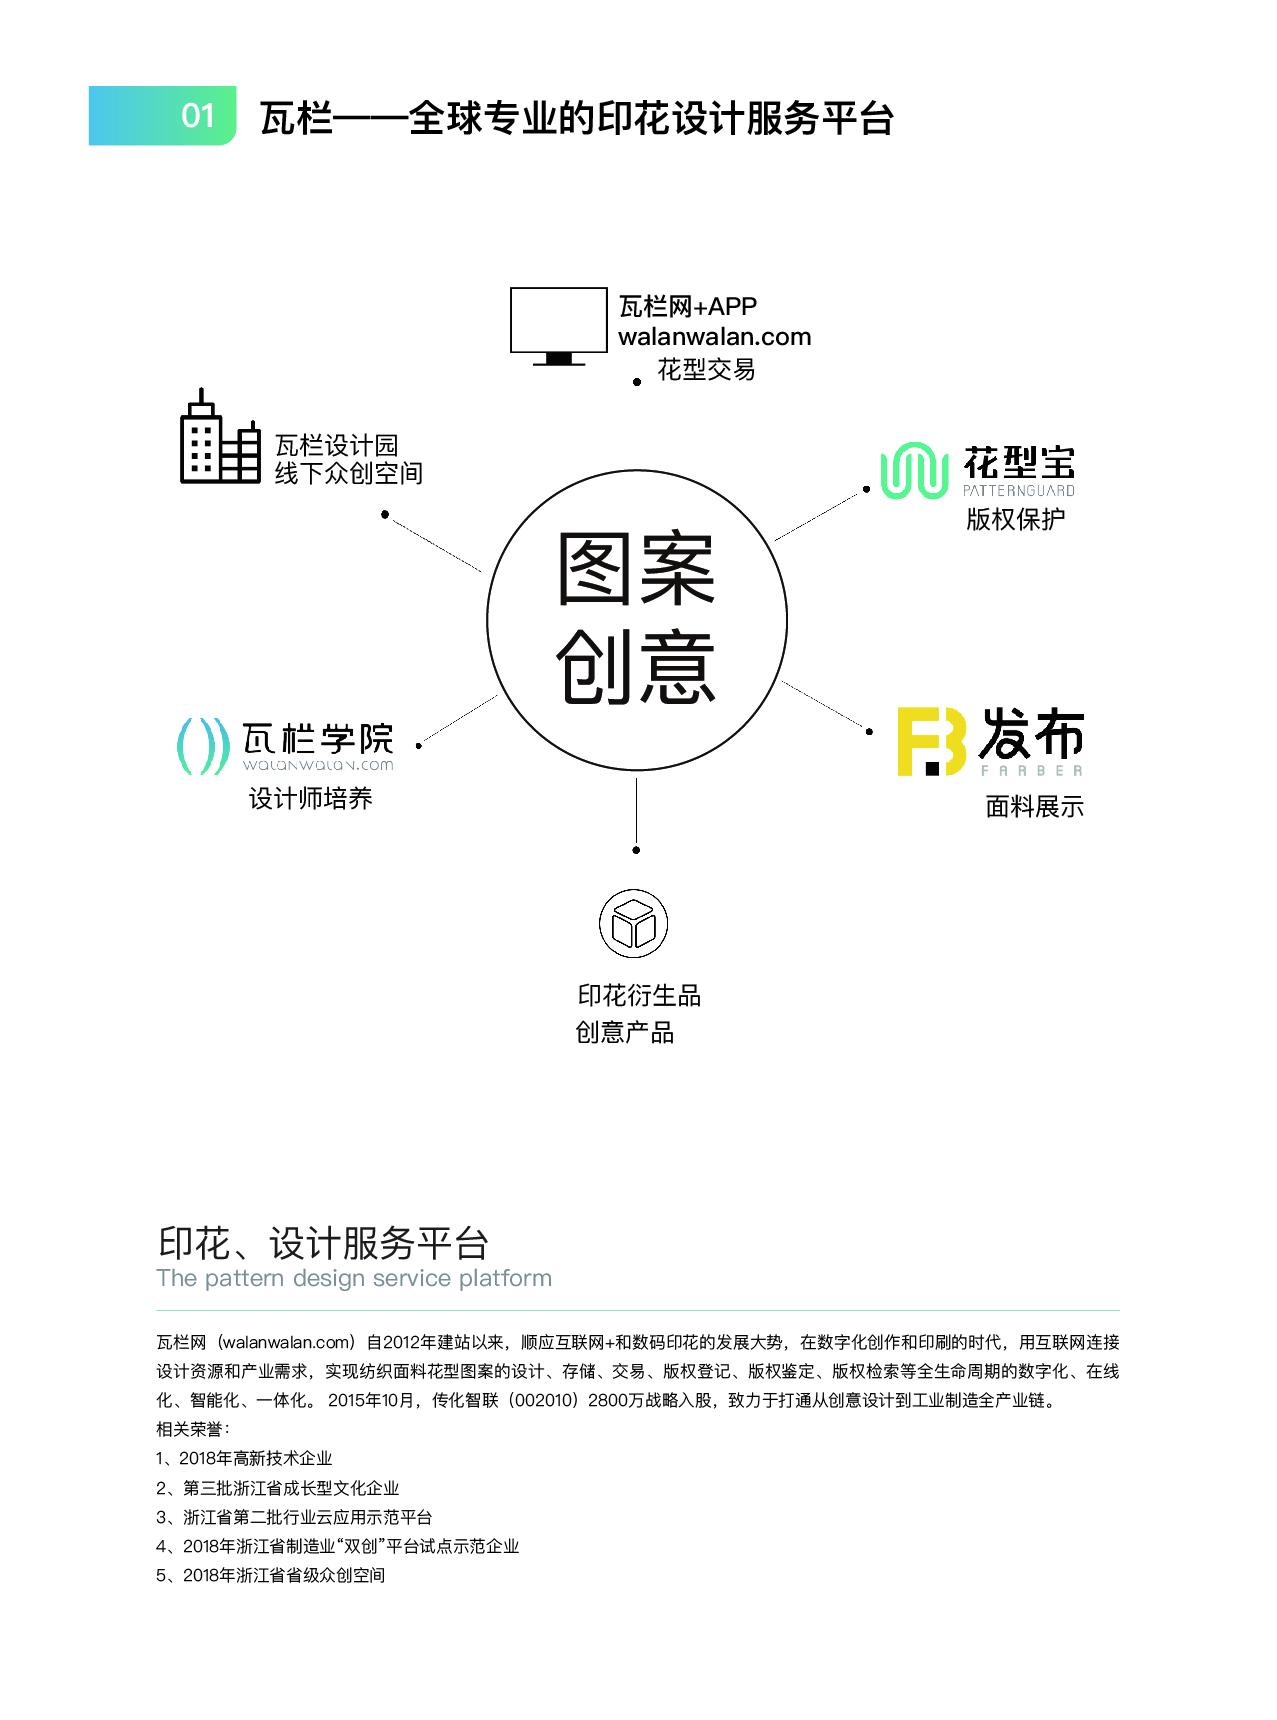 2018年新瓦栏综合手册最新-09.jpg